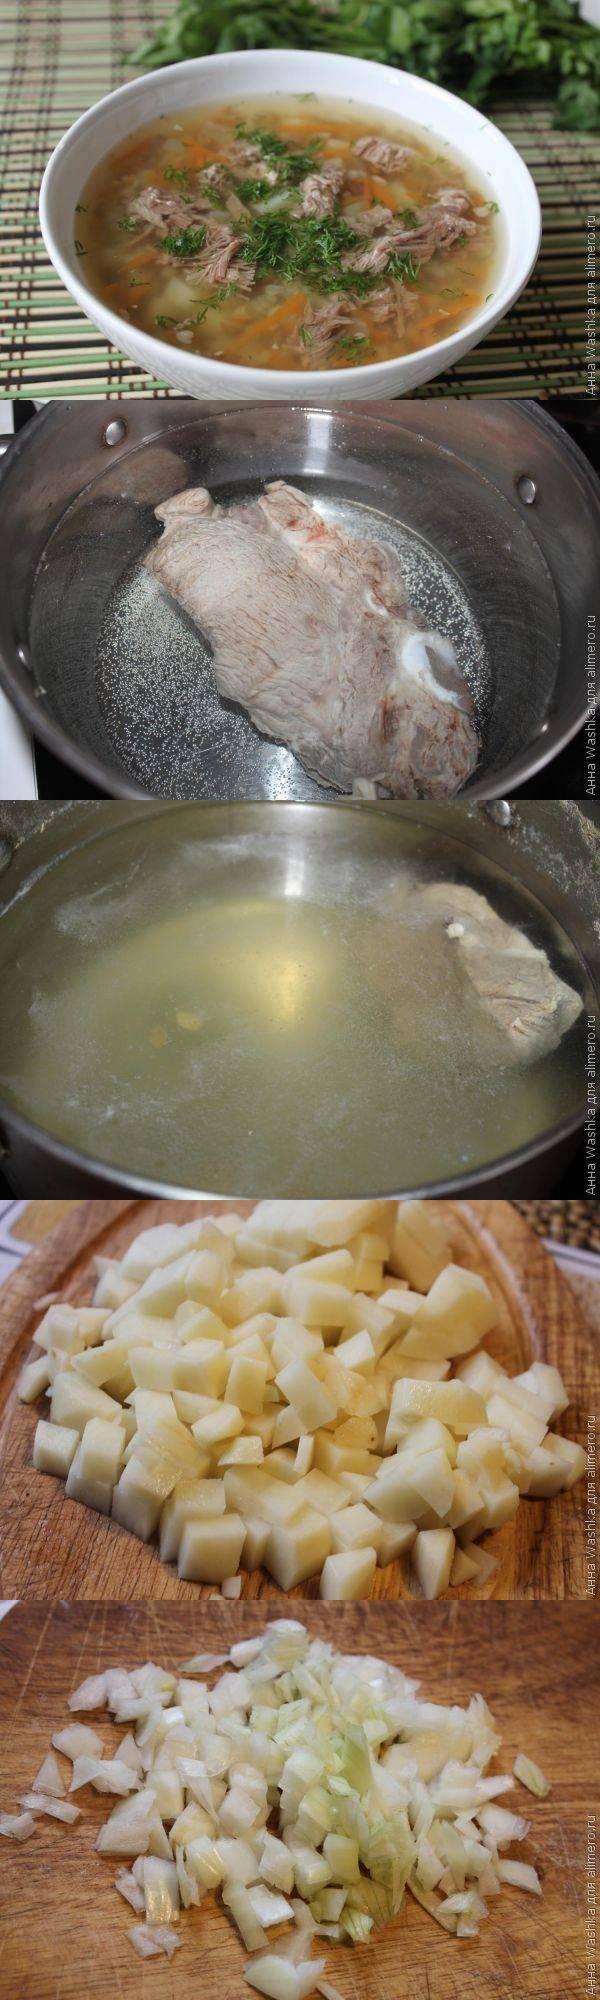 Салат с мясом грибами и сыром рецепт с фото пошагово - 1000 30